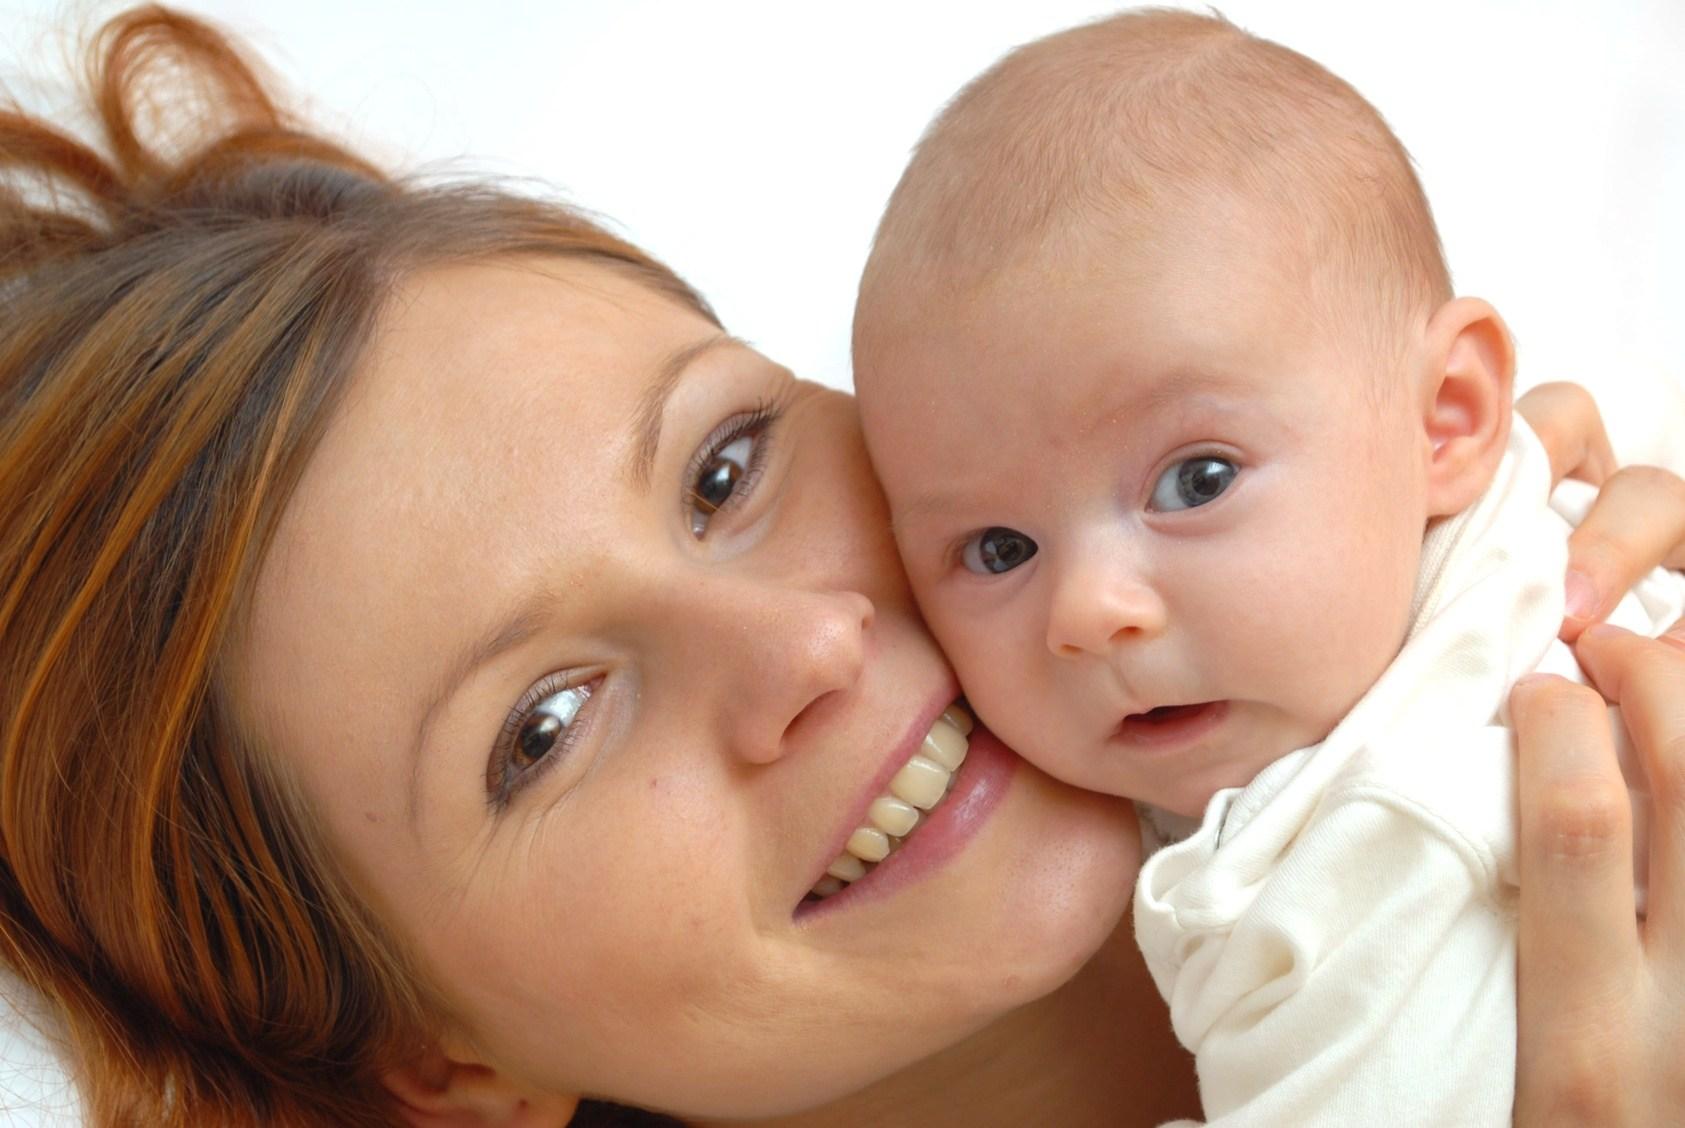 بالصور عالم الاطفال , براءة وجمال الطفوله 4711 6